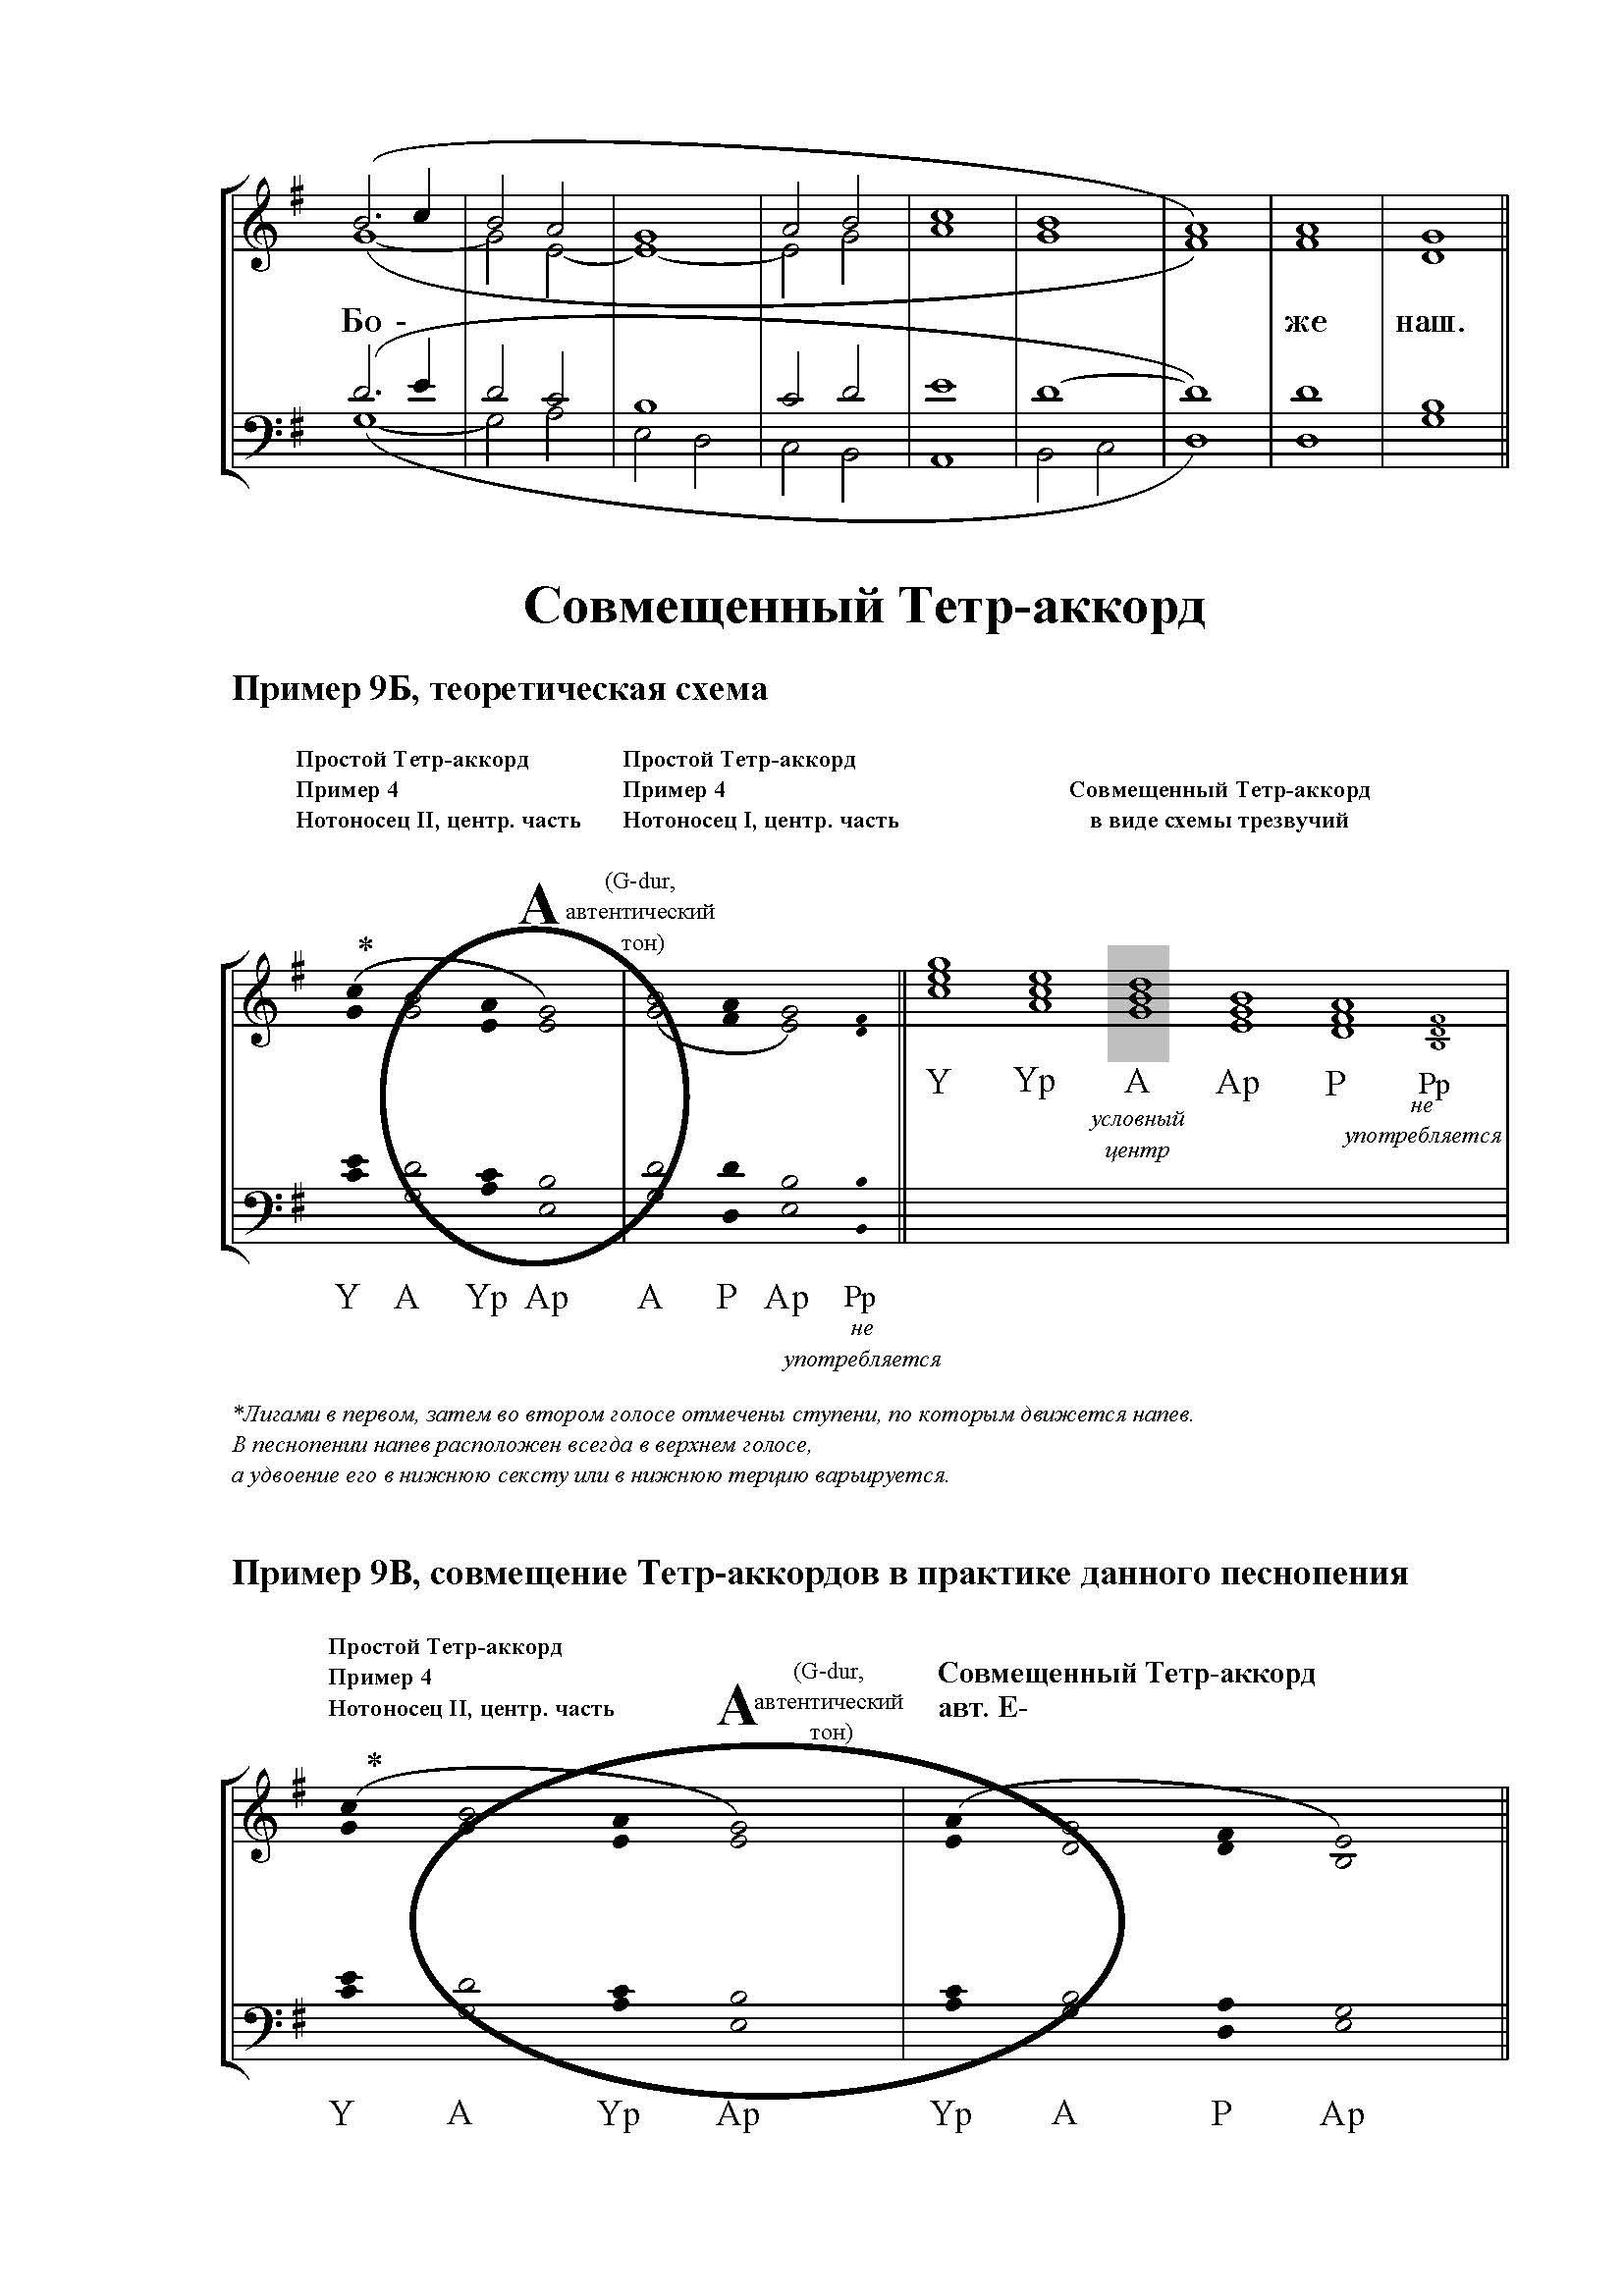 О.ФИЛИПП_ПРИМЕРЫ_8_10_Страница_3